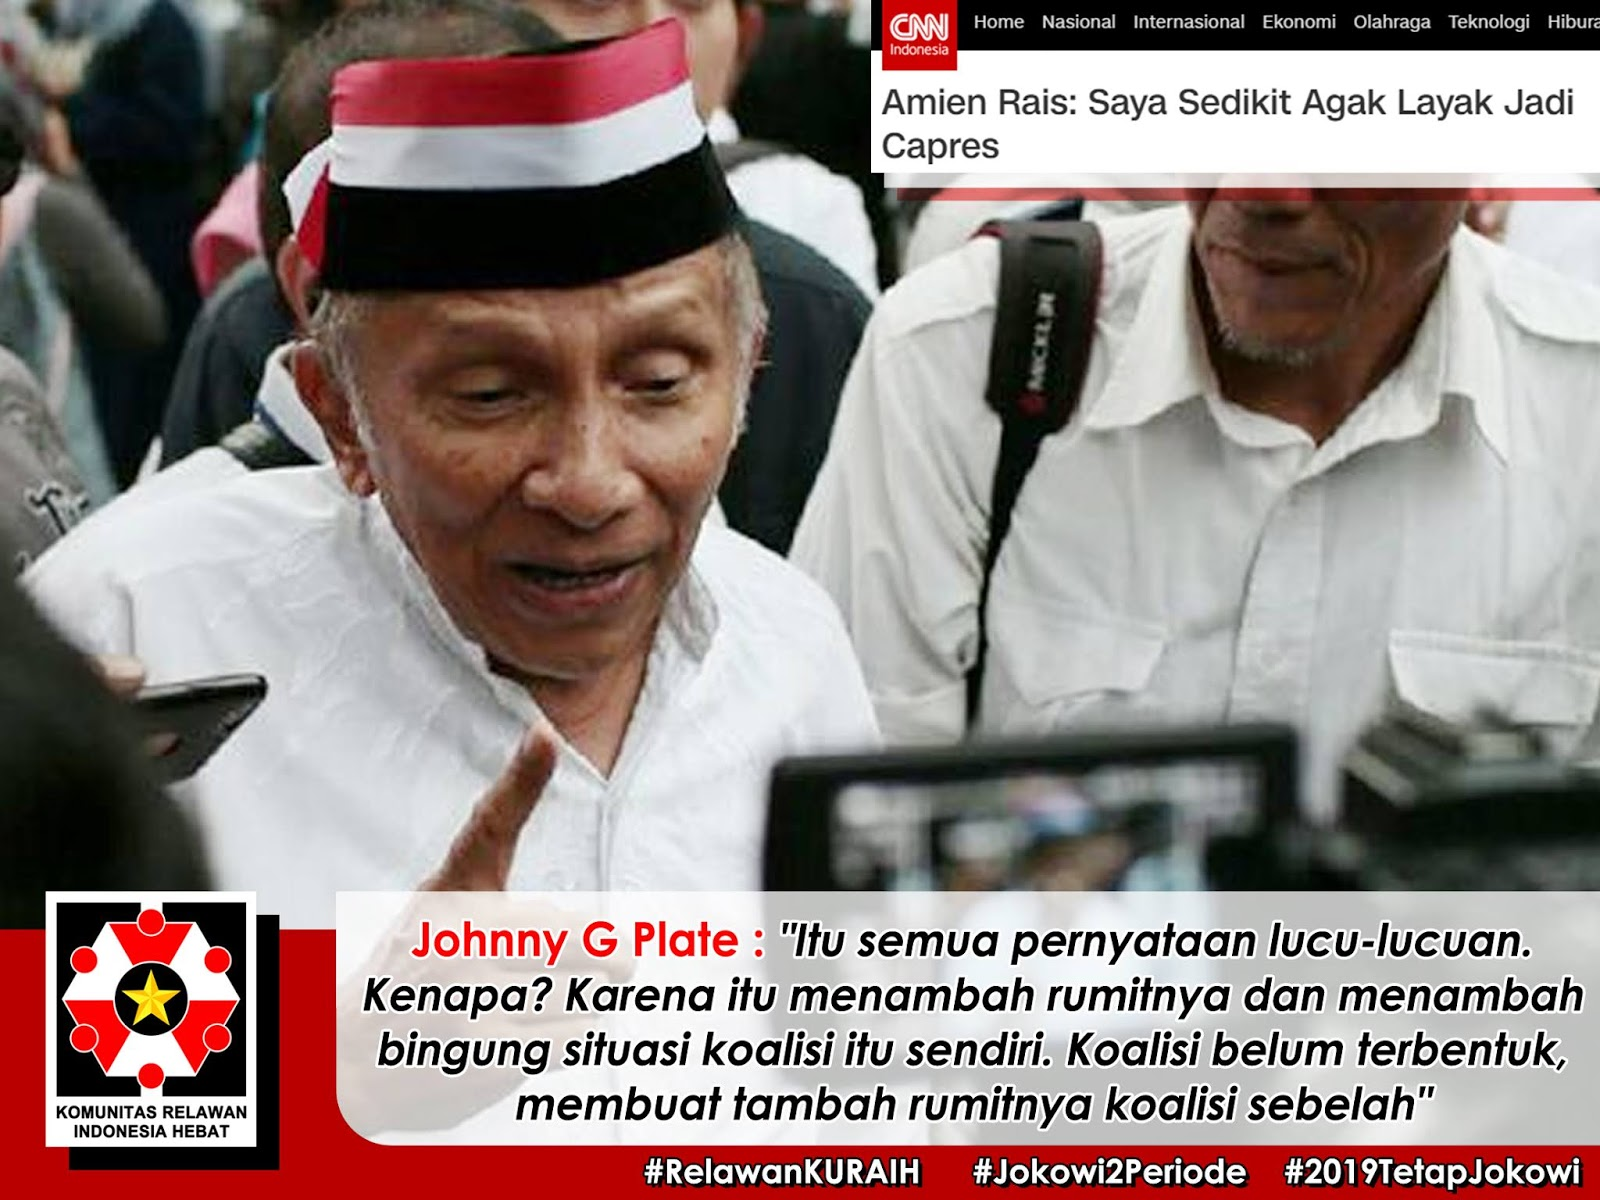 Amien Rais Si Tua Yang Bernafsu Jadi Capres Penantang Jokowi